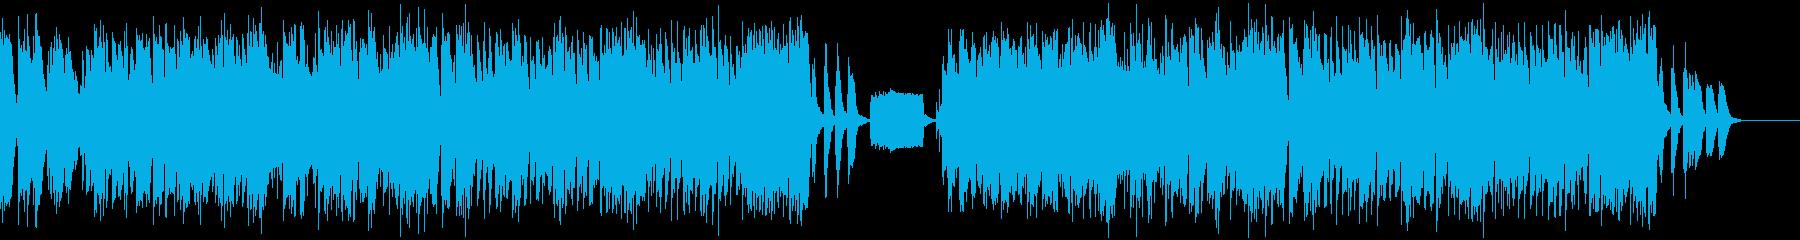 コミカルなジャズの再生済みの波形